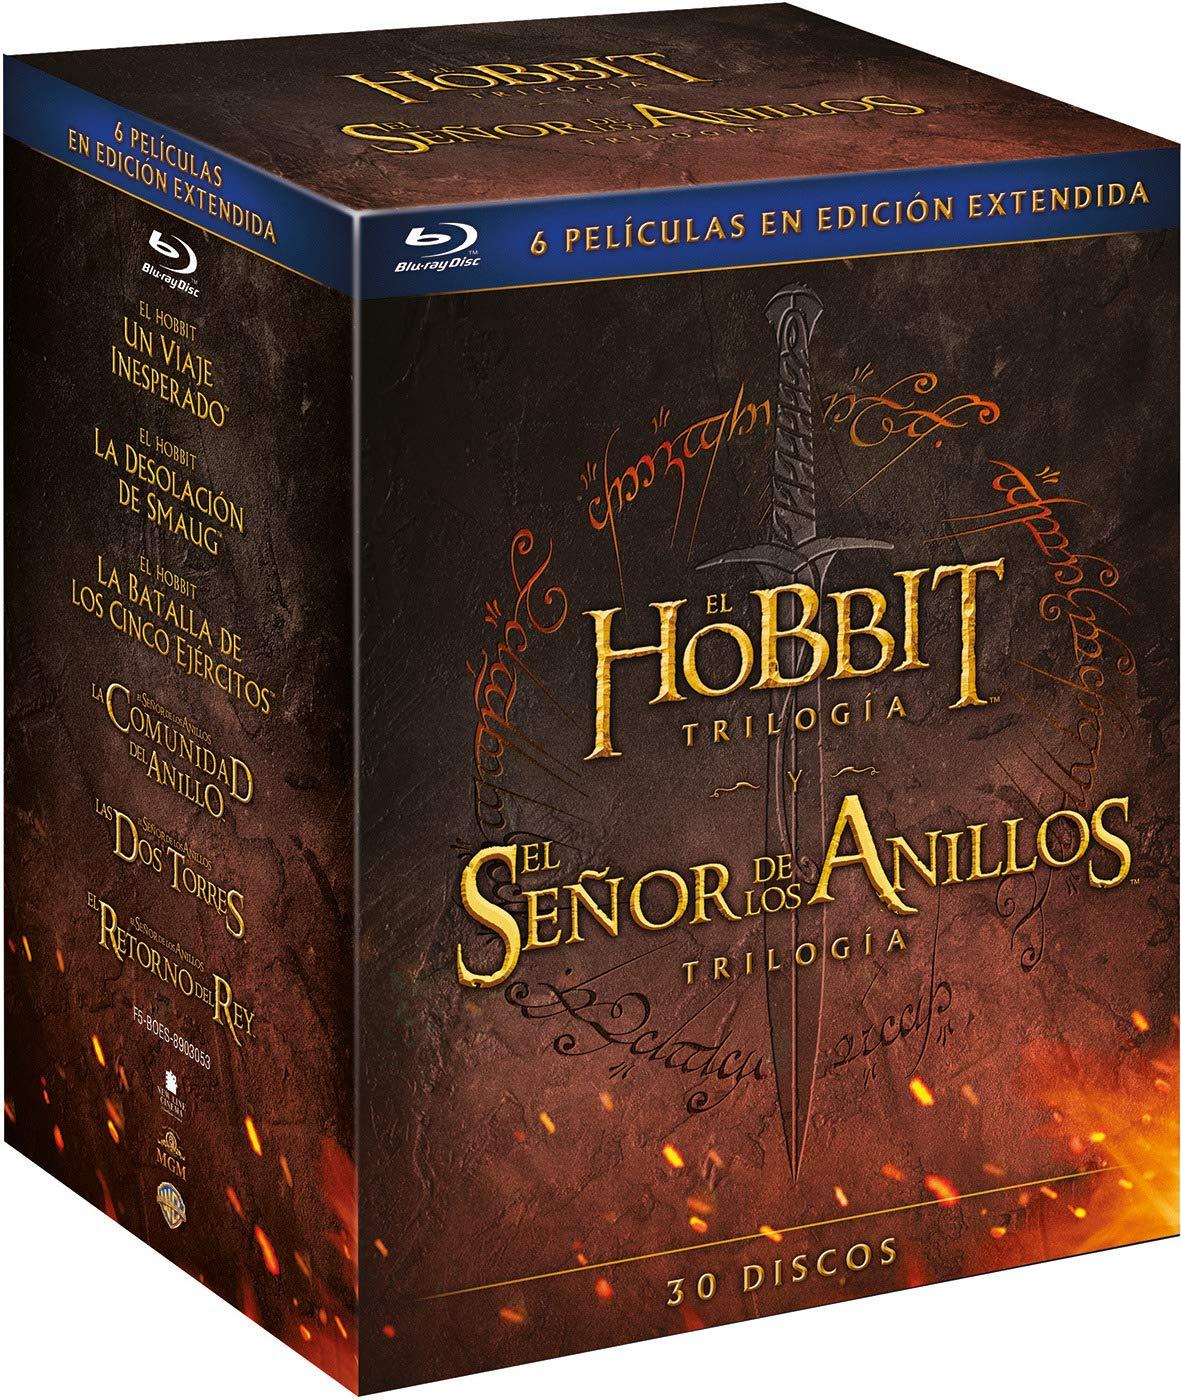 El Hobbit Trilogía - El Señor de los Anillos Trilogía 30